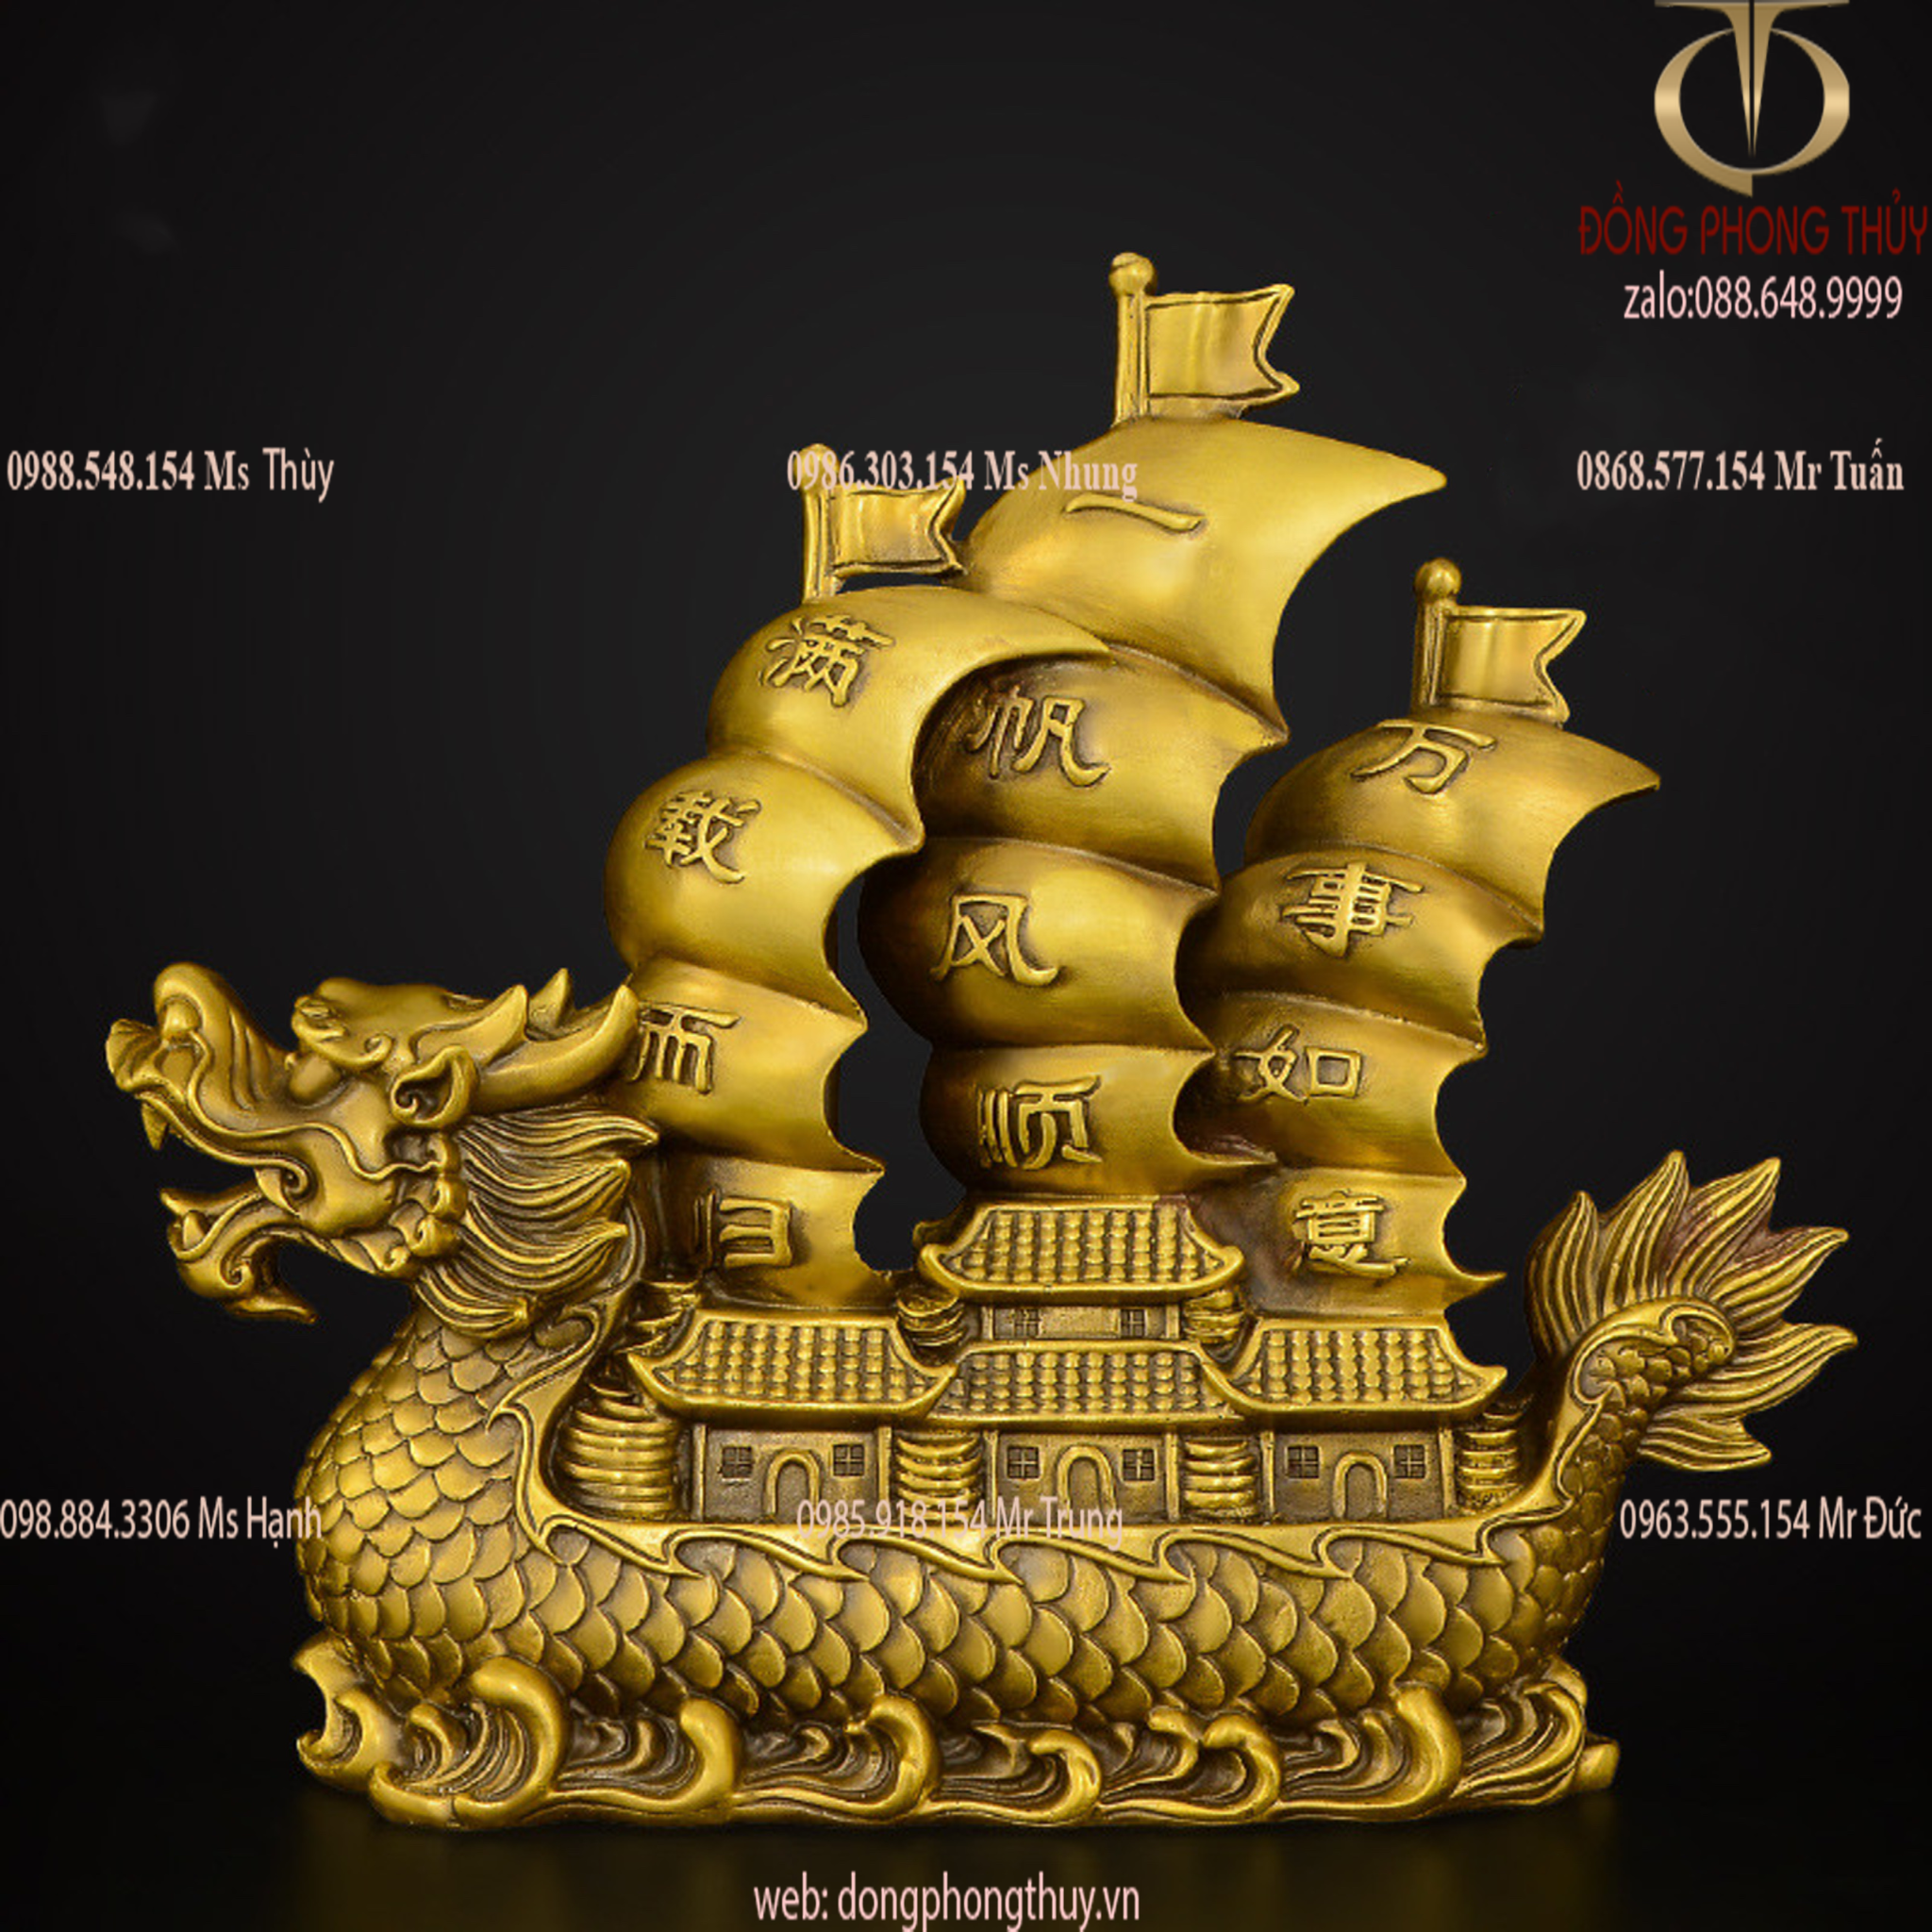 Thuyền buồm mô hình Rồng